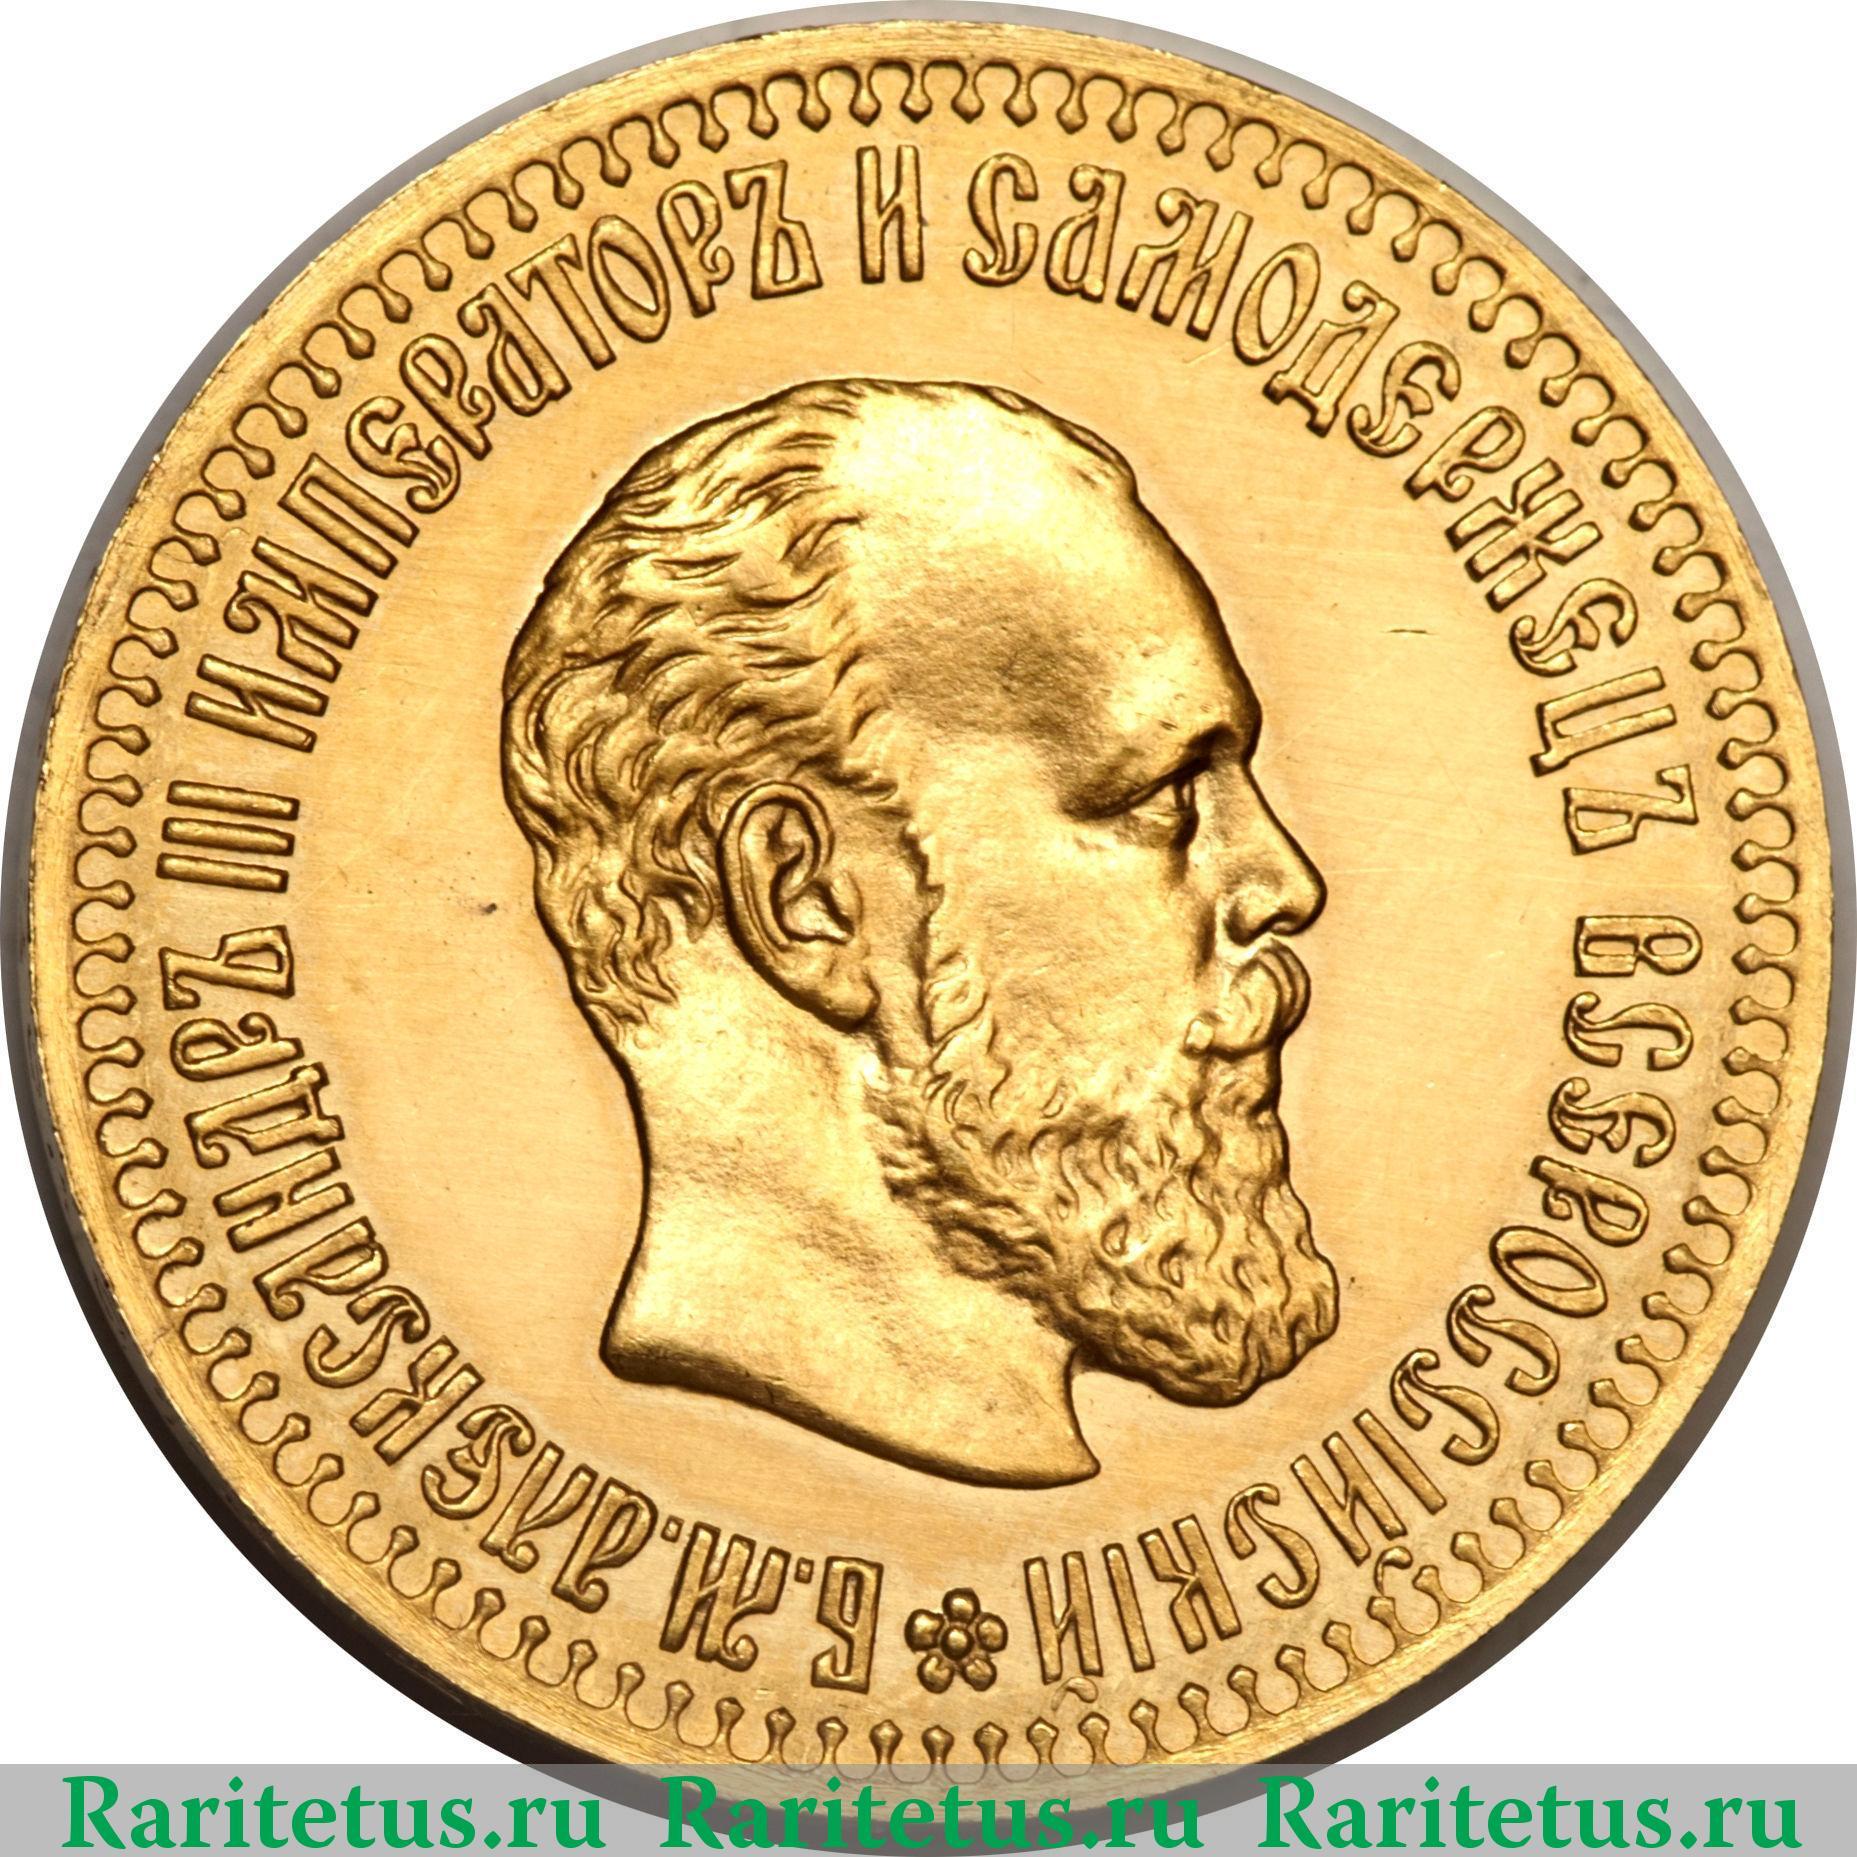 Купить царскую монету 10 антиквариум аукционный дом